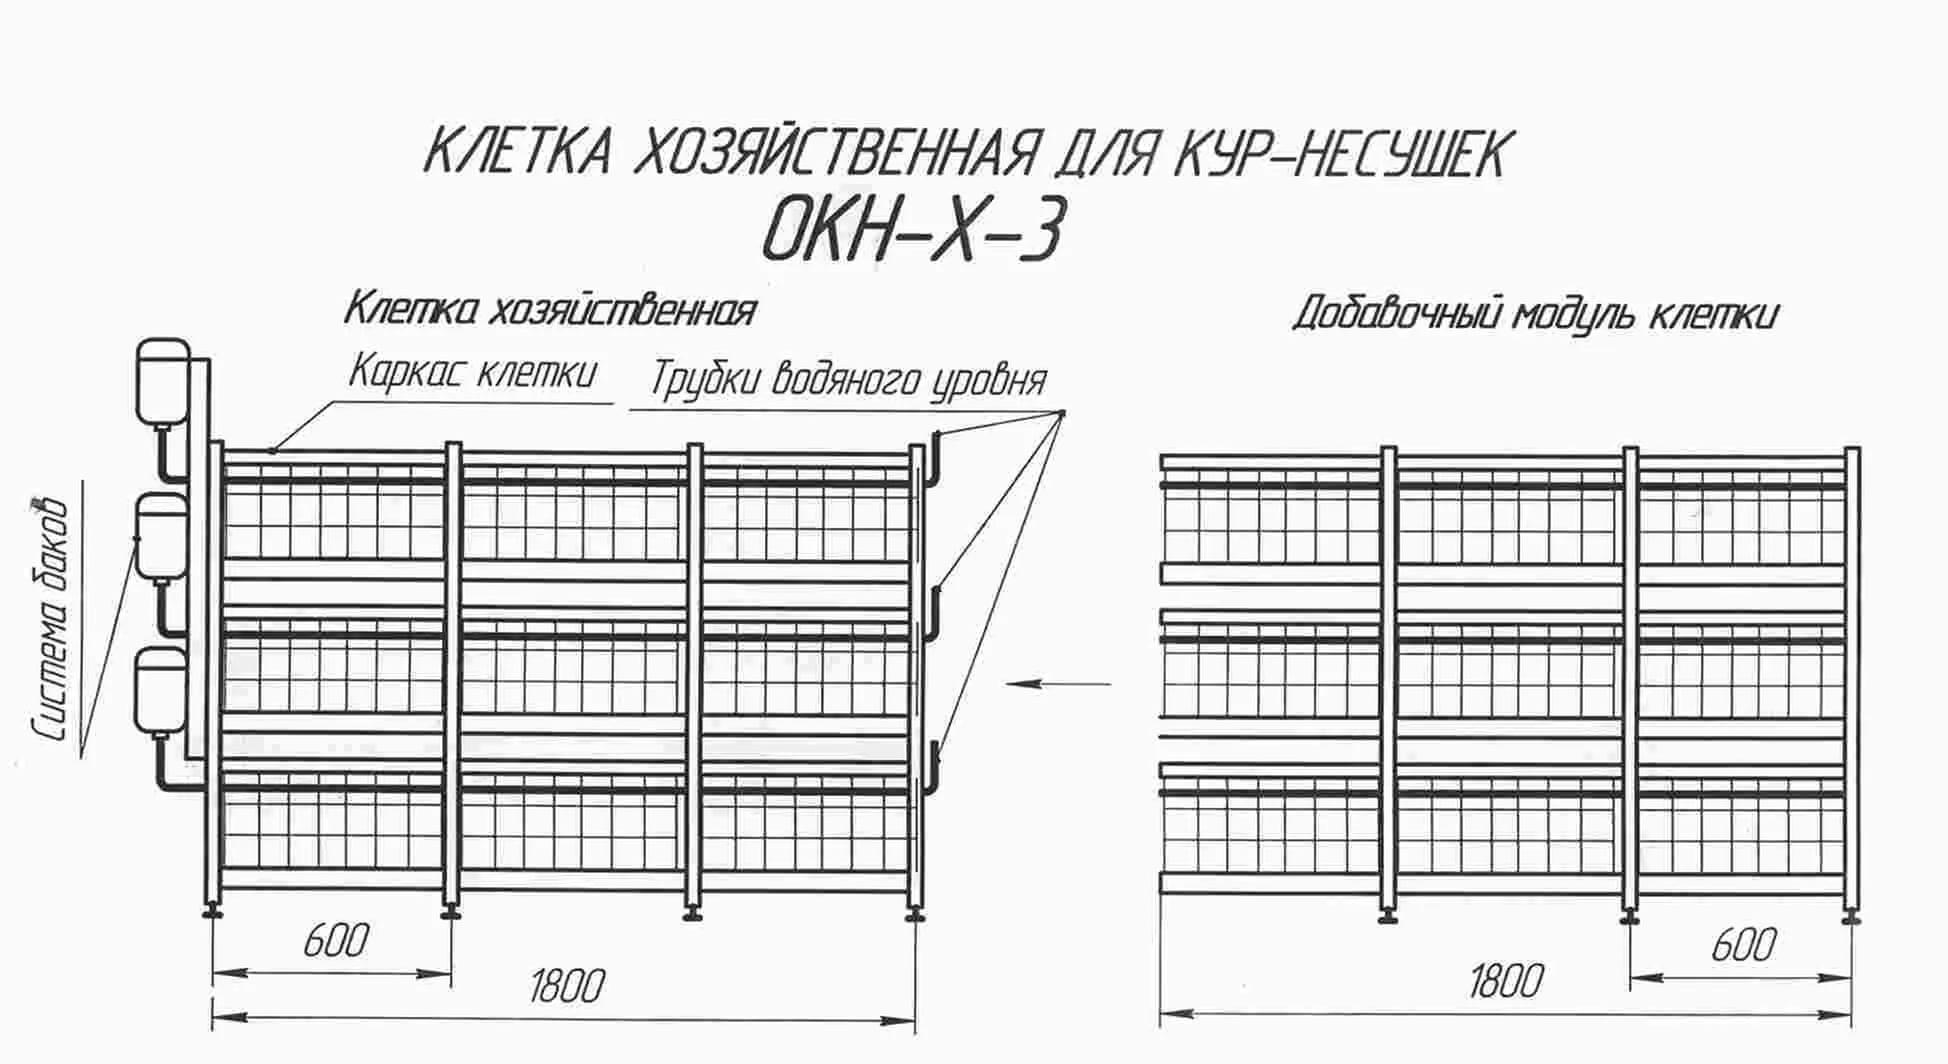 Клетка хозяйственная для кур-несушек ОКН-Х-3